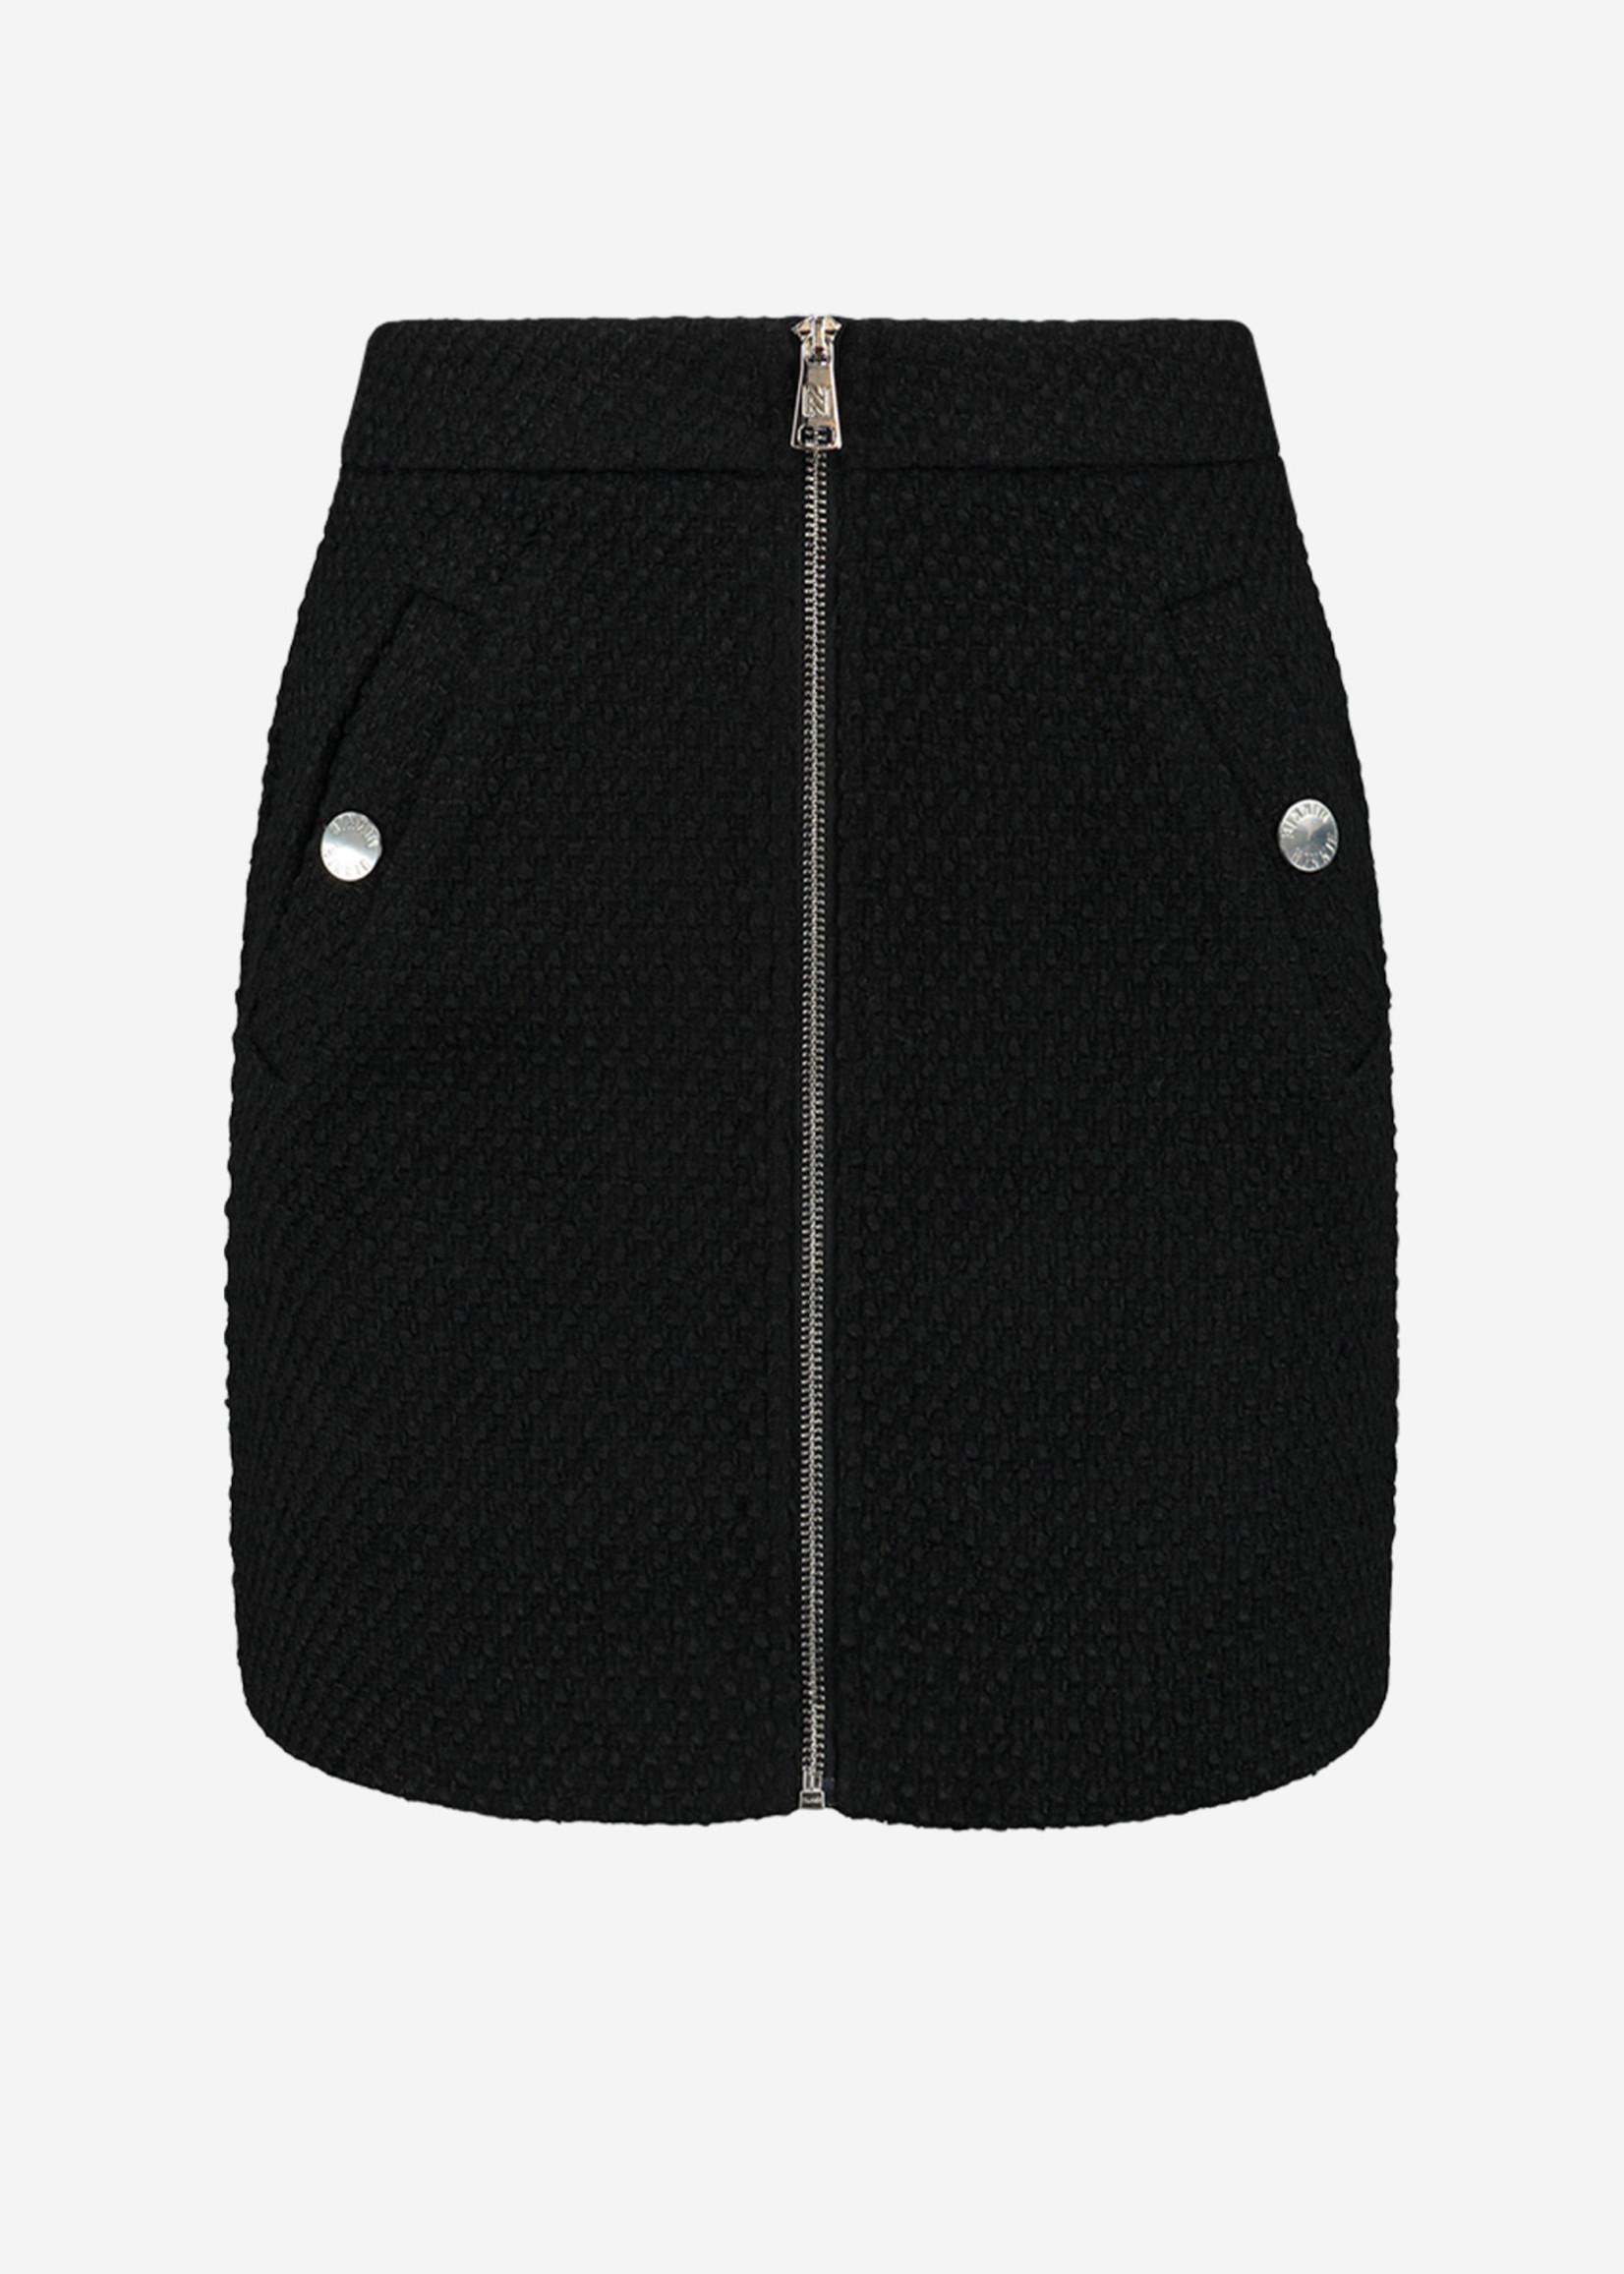 NIKKIE LEXI SKIRT Tweed mini rok met rits